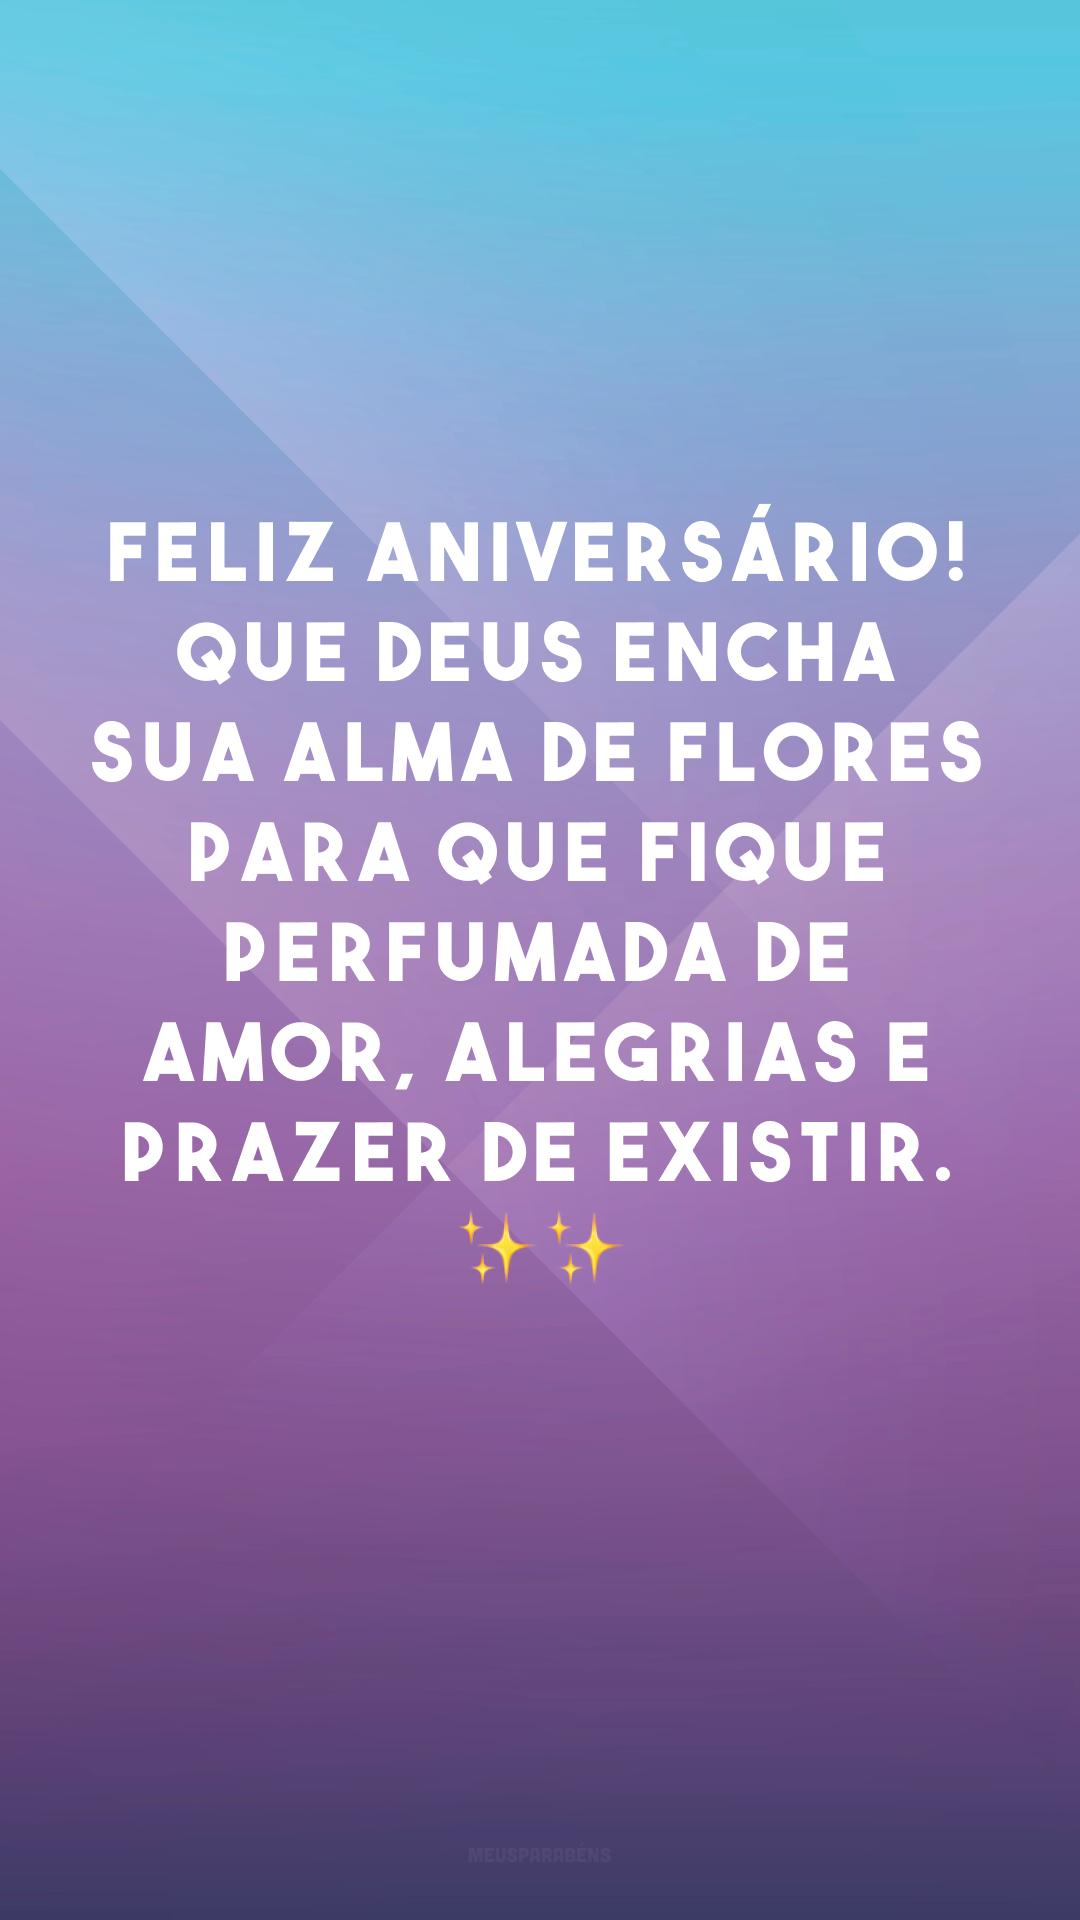 Feliz aniversário! Que Deus encha sua alma de flores para que fique perfumada de amor, alegrias e prazer de existir. ✨✨